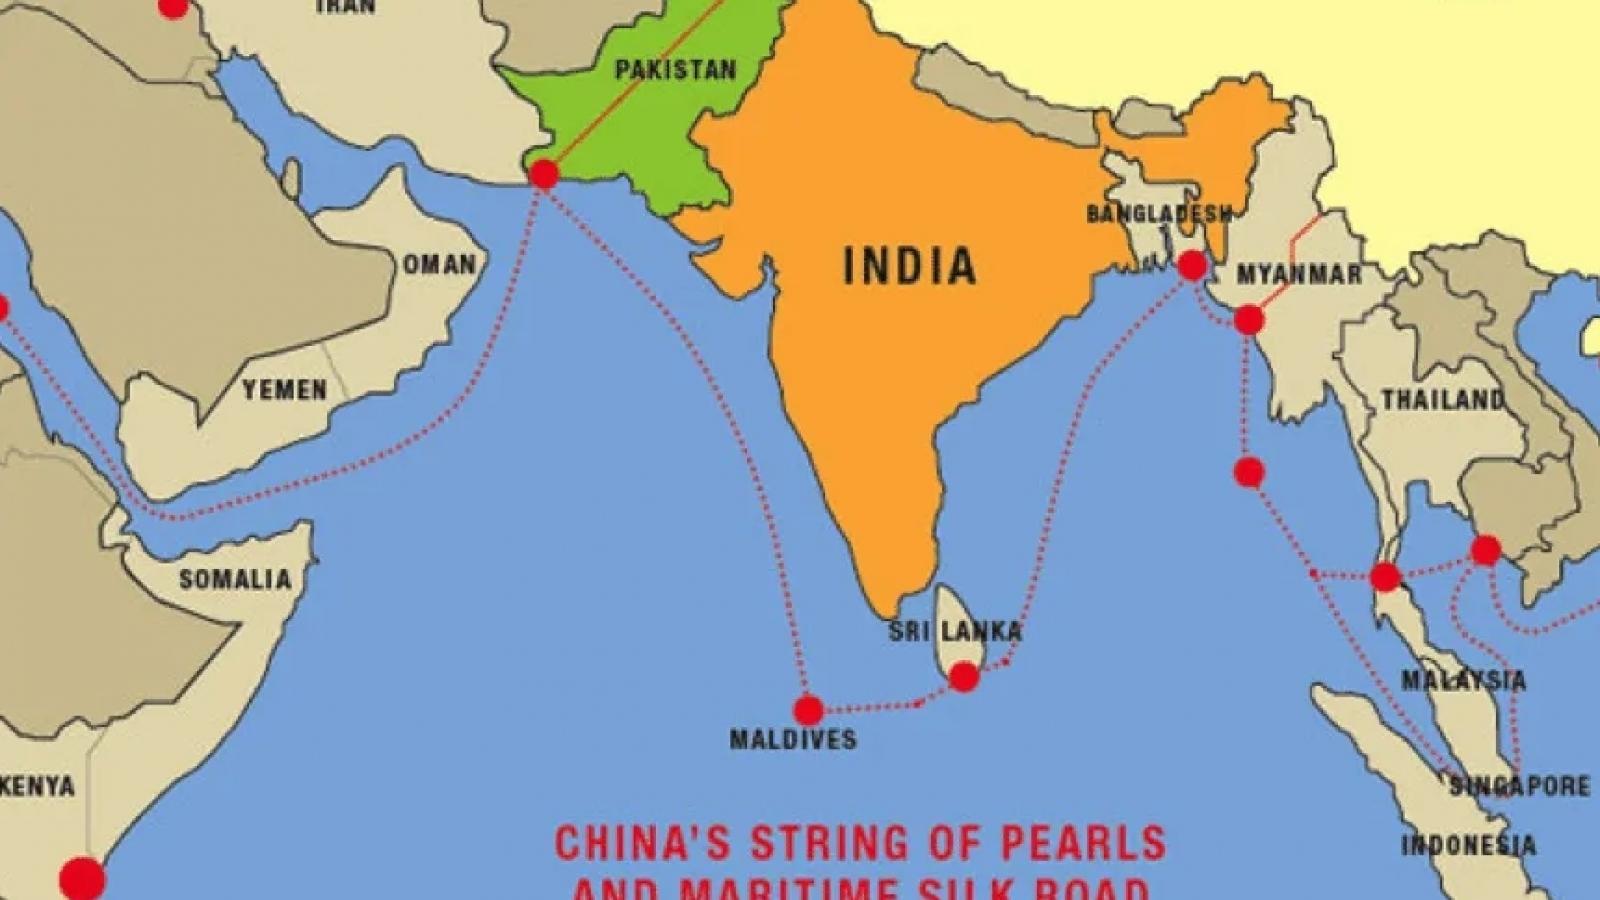 """Vì sao dự án """"Vành đai và Con đường"""" của Trung Quốc thất bại ở Ấn Độ?"""